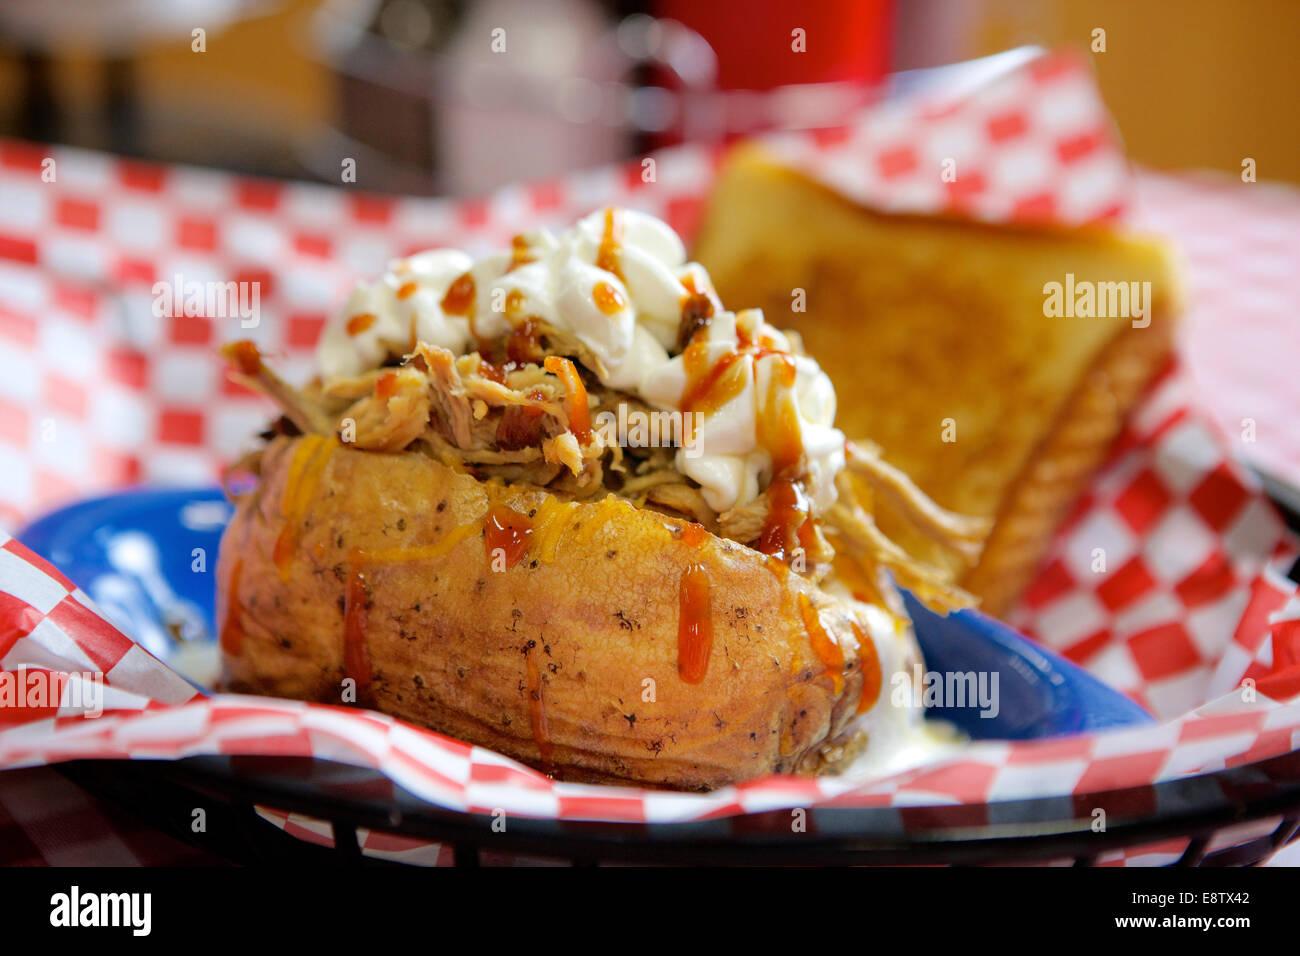 Pomme de terre au four farcies avec un barbecue de porc et surmonté de crème sure et de sauce chaude. Photo Stock